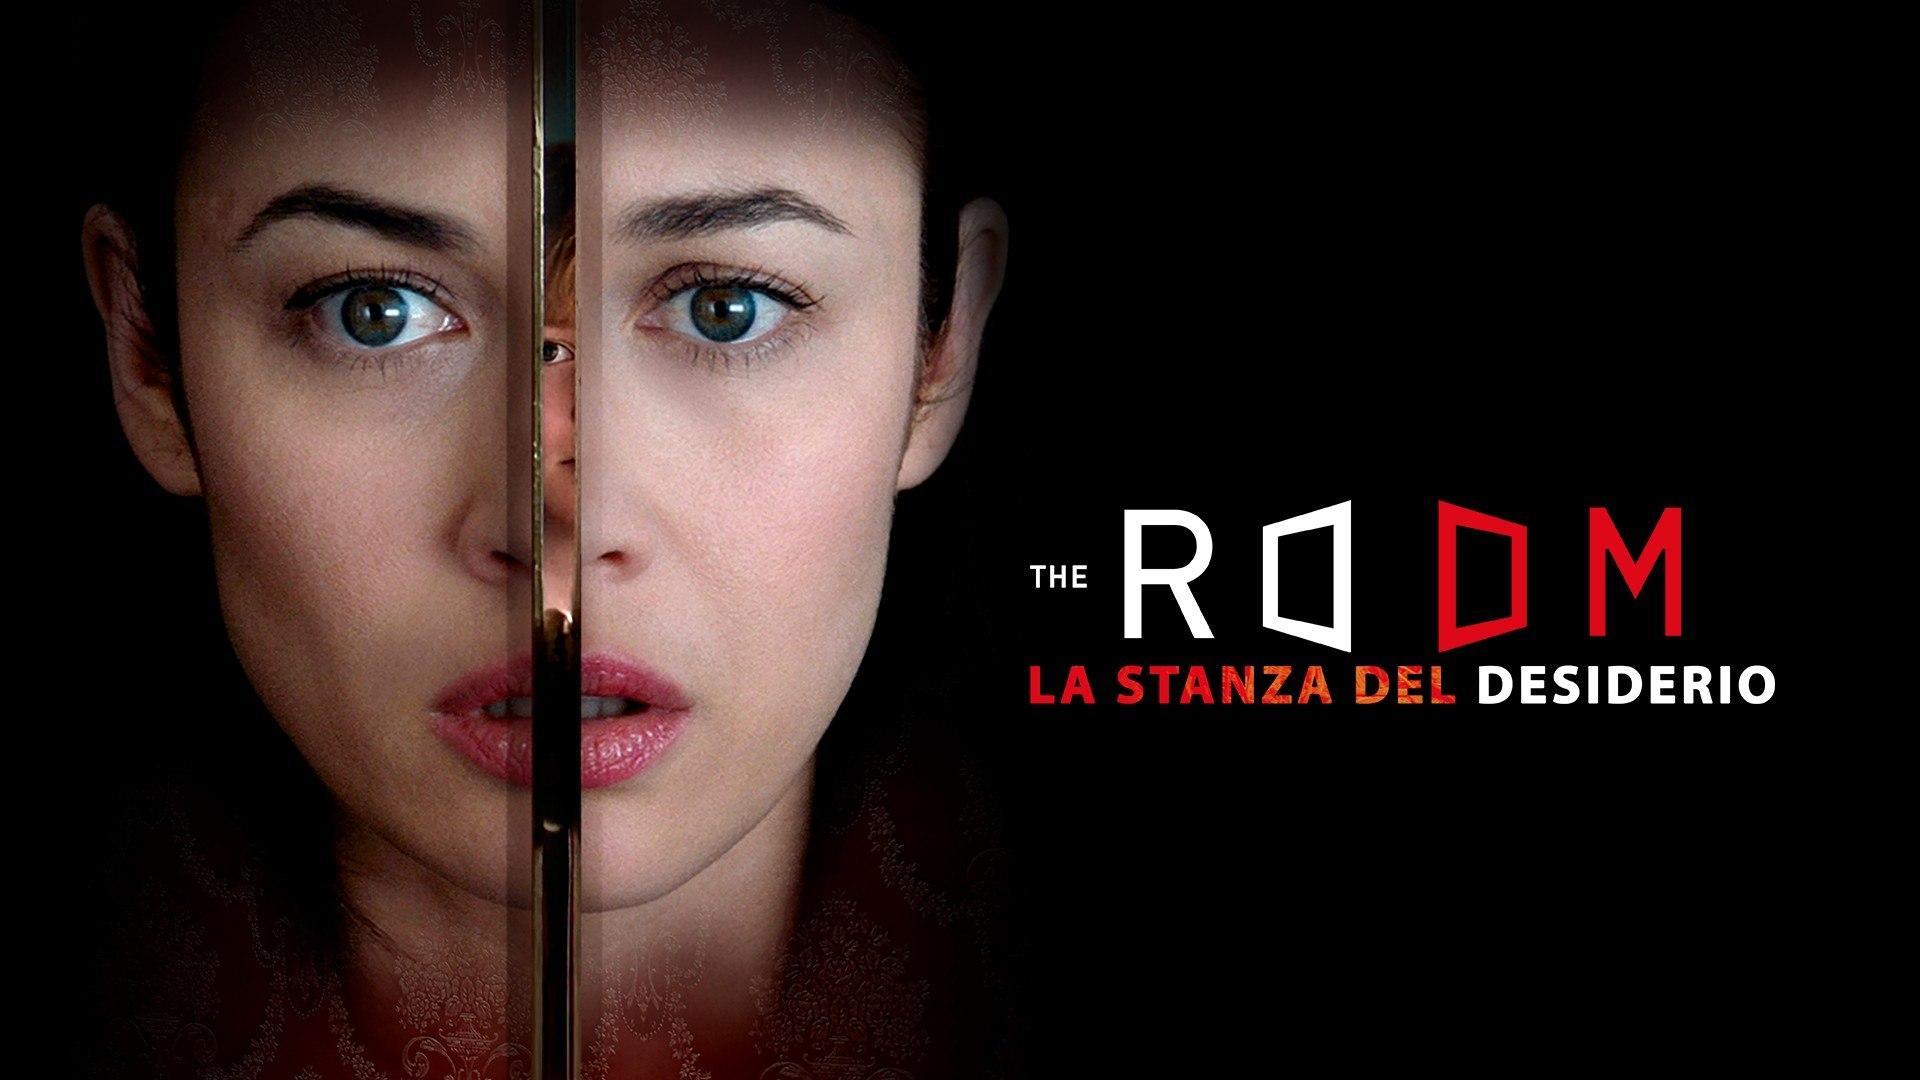 Martedi 17 Novembre 2020 Sky e Premium Cinema, The Room - La stanza del desiderio